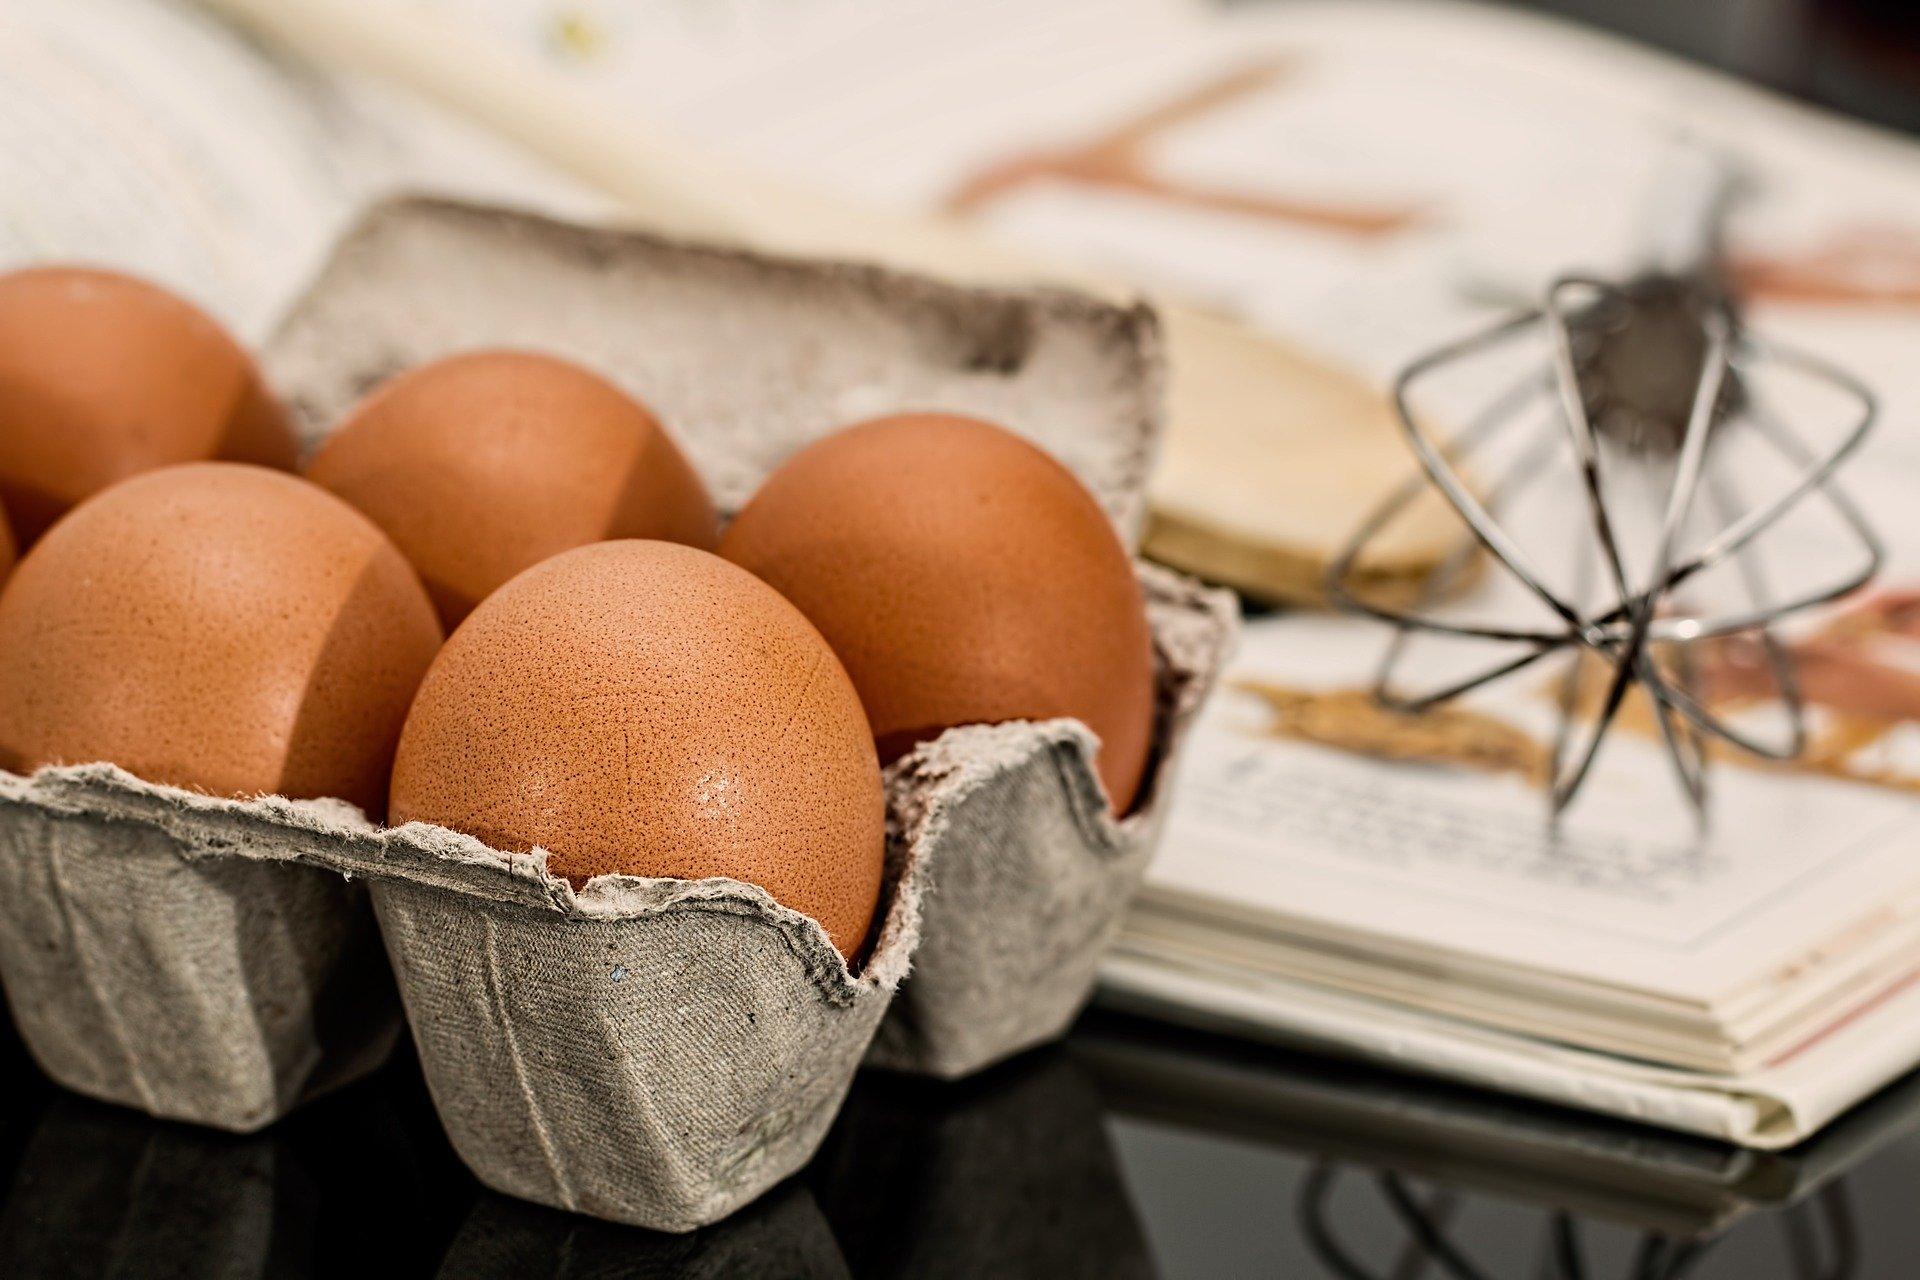 monde minceur des œufs